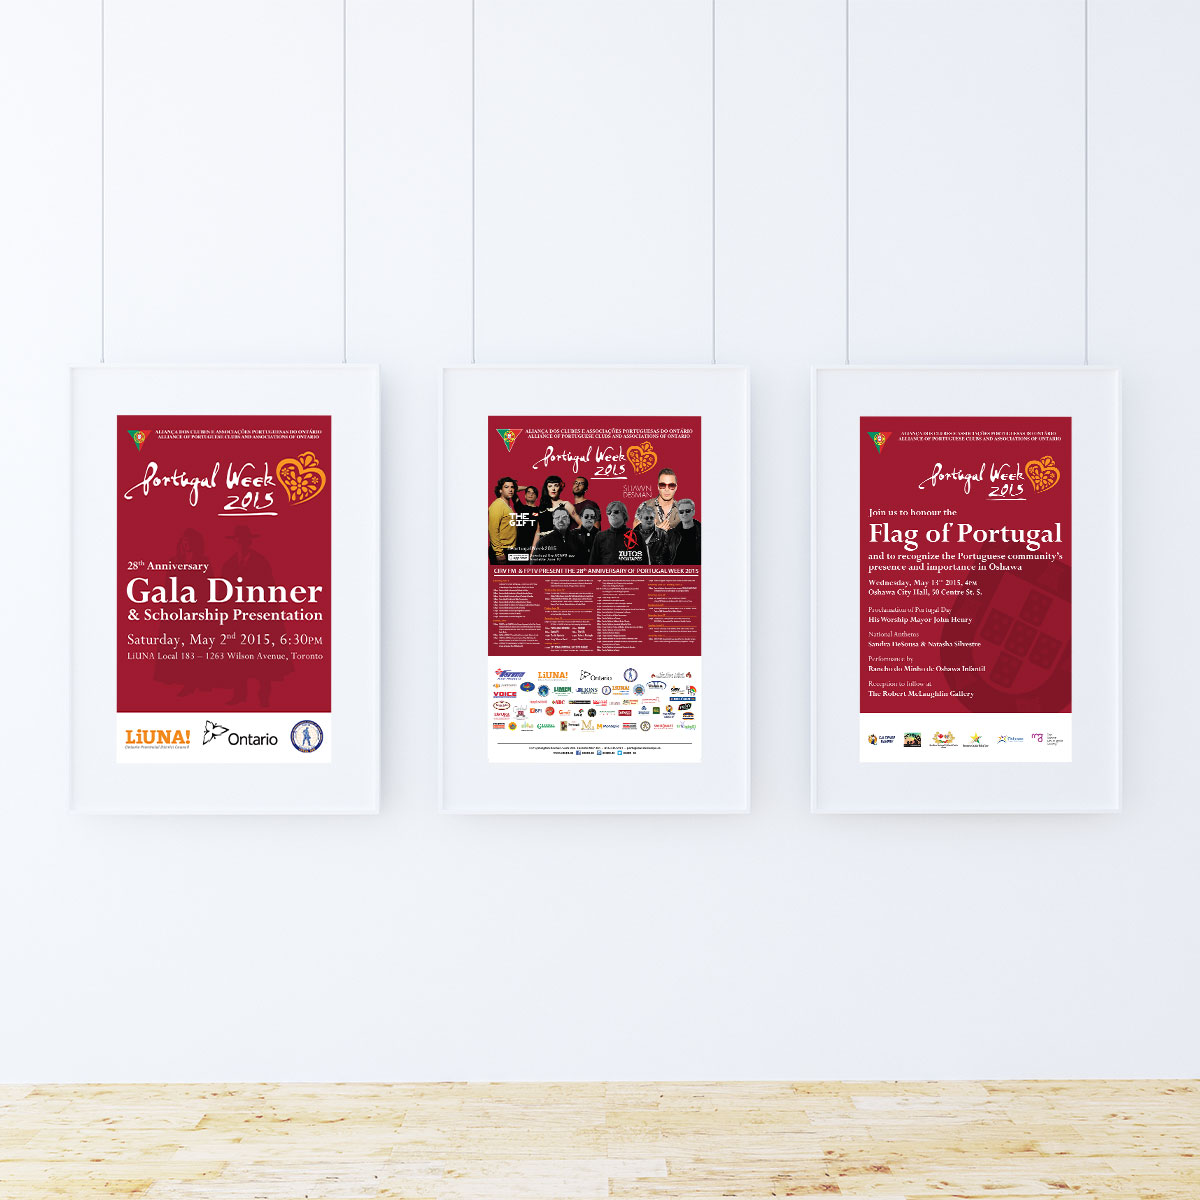 acapo-posters2015